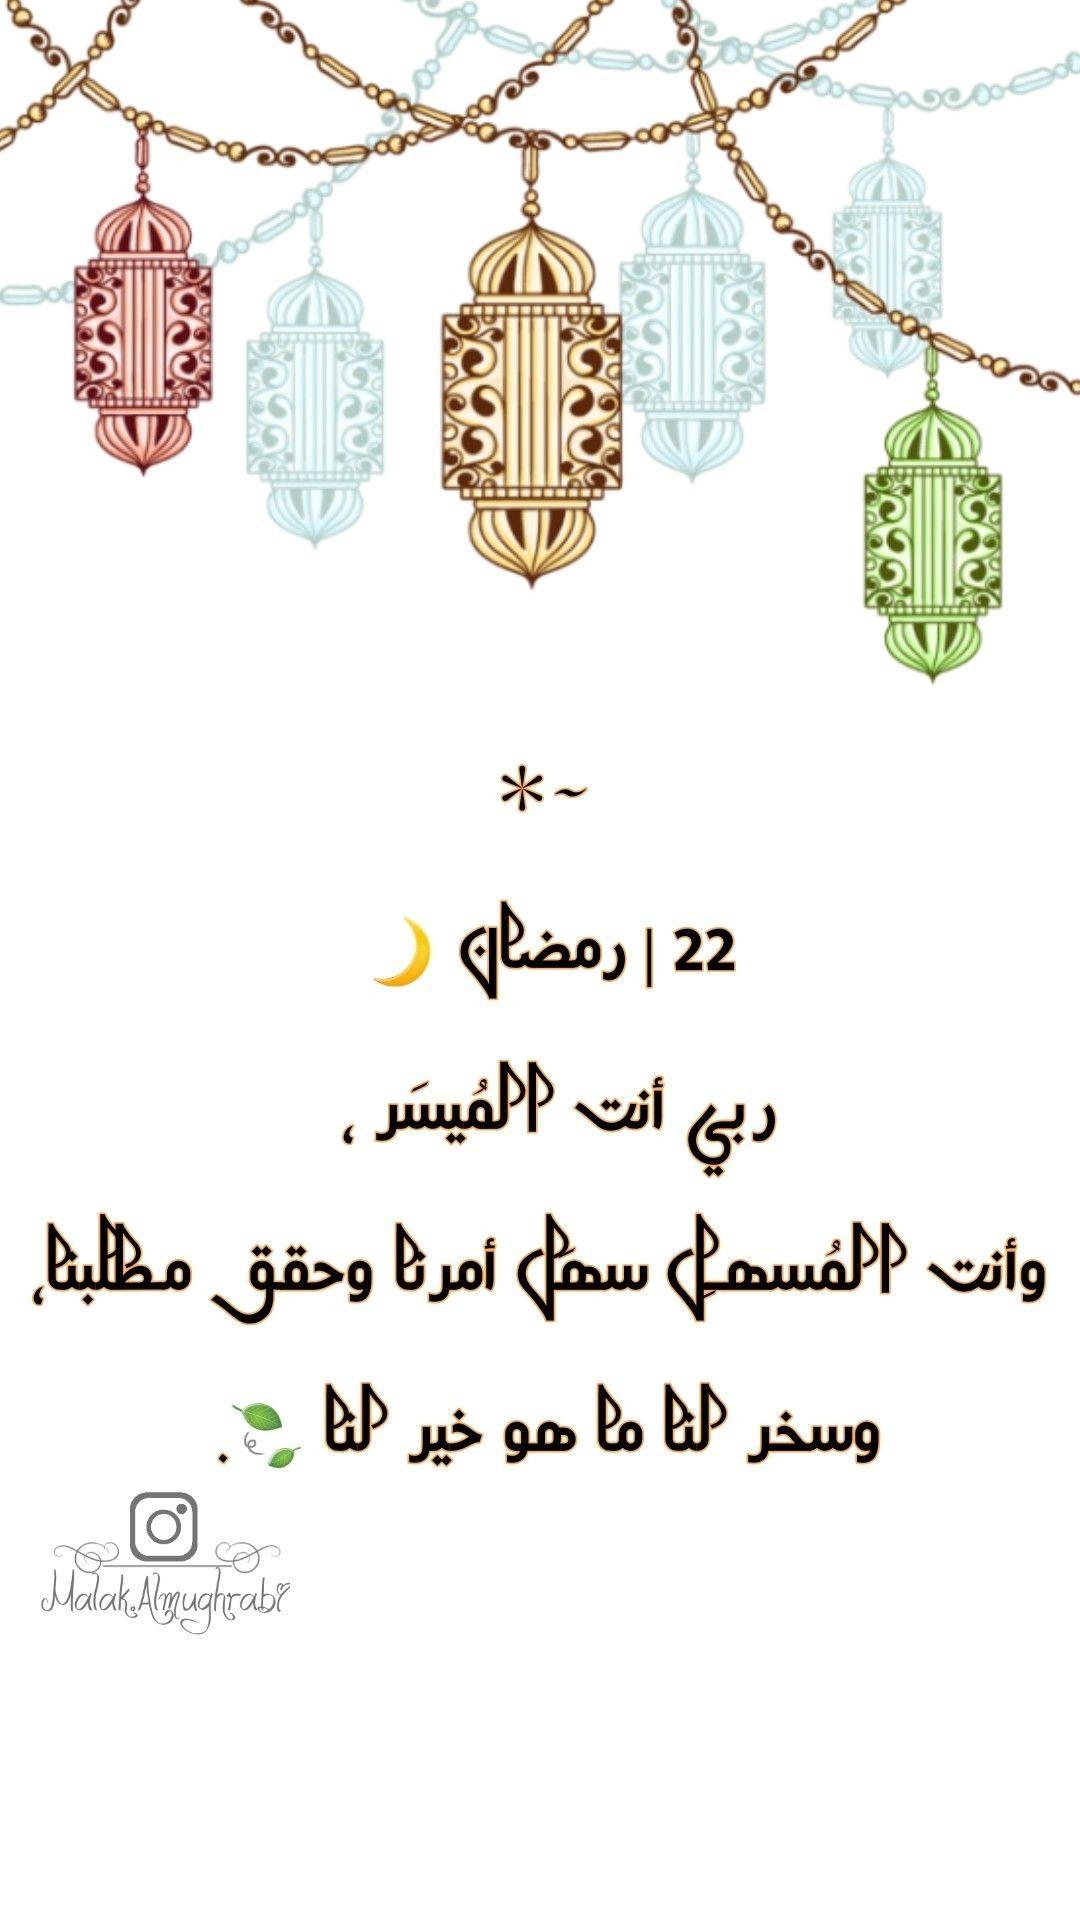 22 رمضان ربي أنت الم يس ر وأنت الم سهـ ل سه ل أمرنا وحقق مطلبنا وسخر لنا ماهو خير لنا Ramadan Kareem Ramadan Kareem